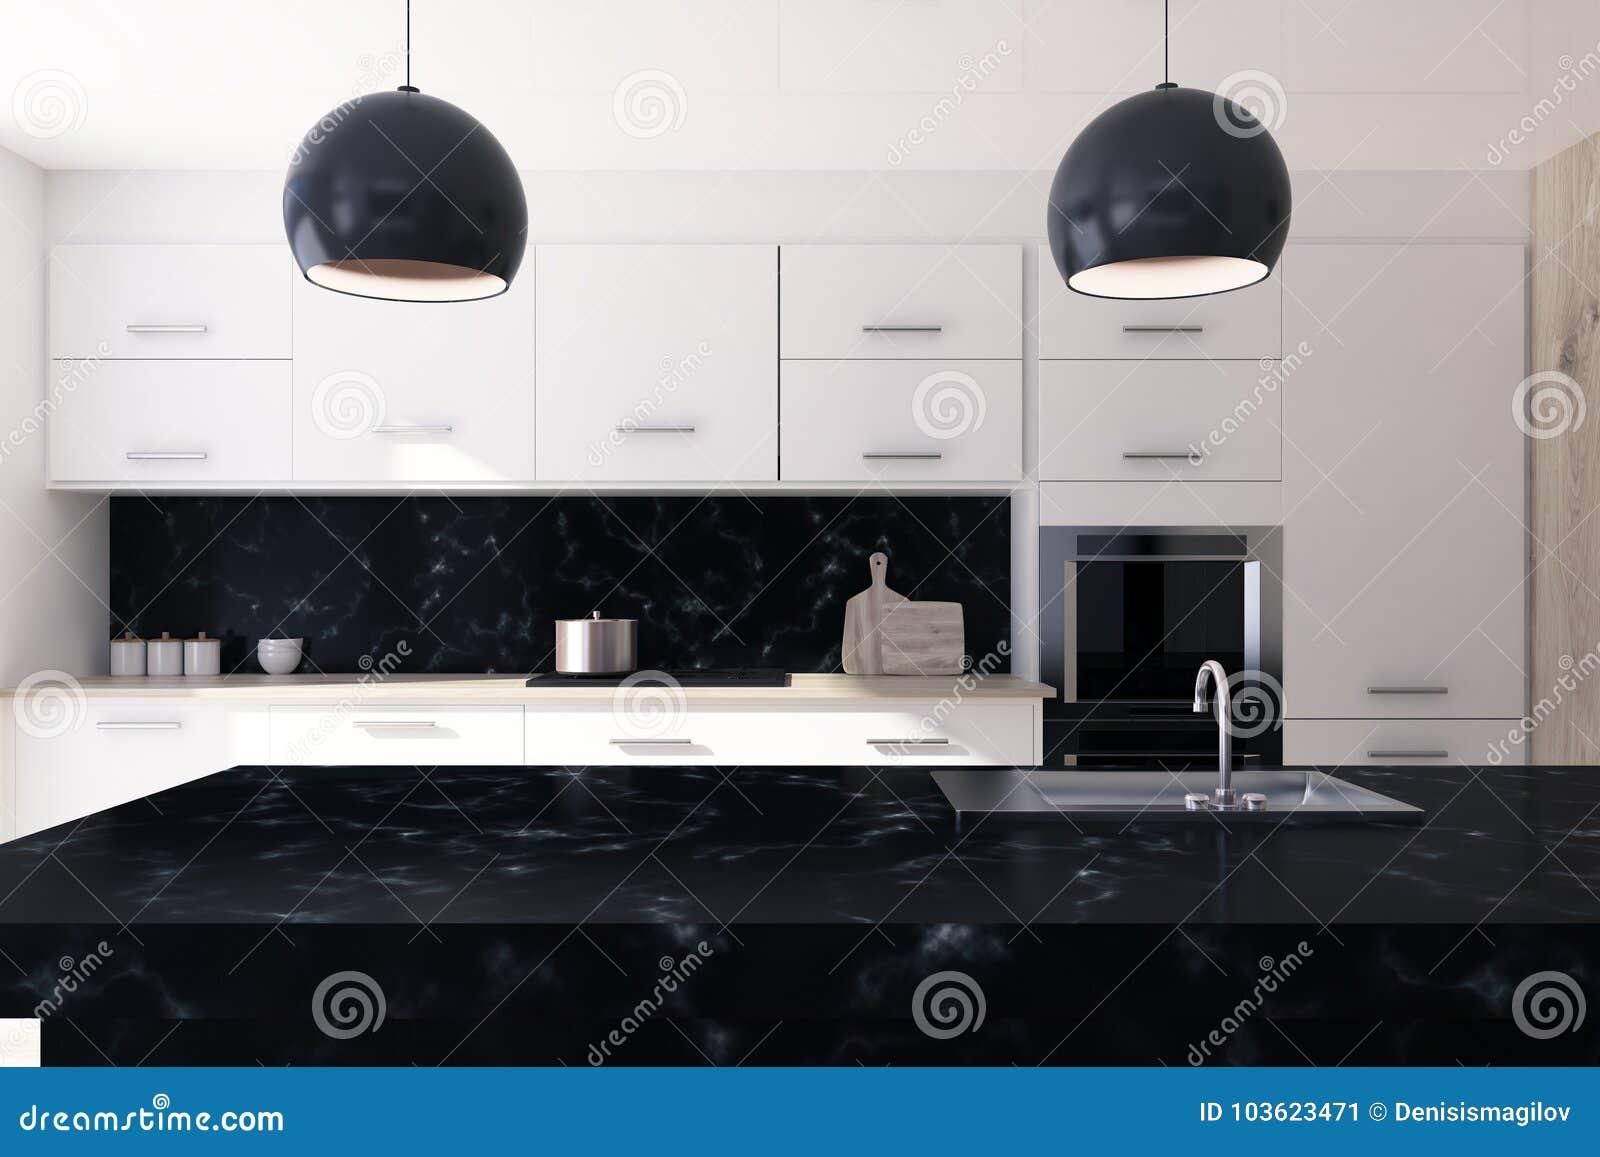 Cucina Di Marmo Bianca E Nera Illustrazione di Stock - Illustrazione ...